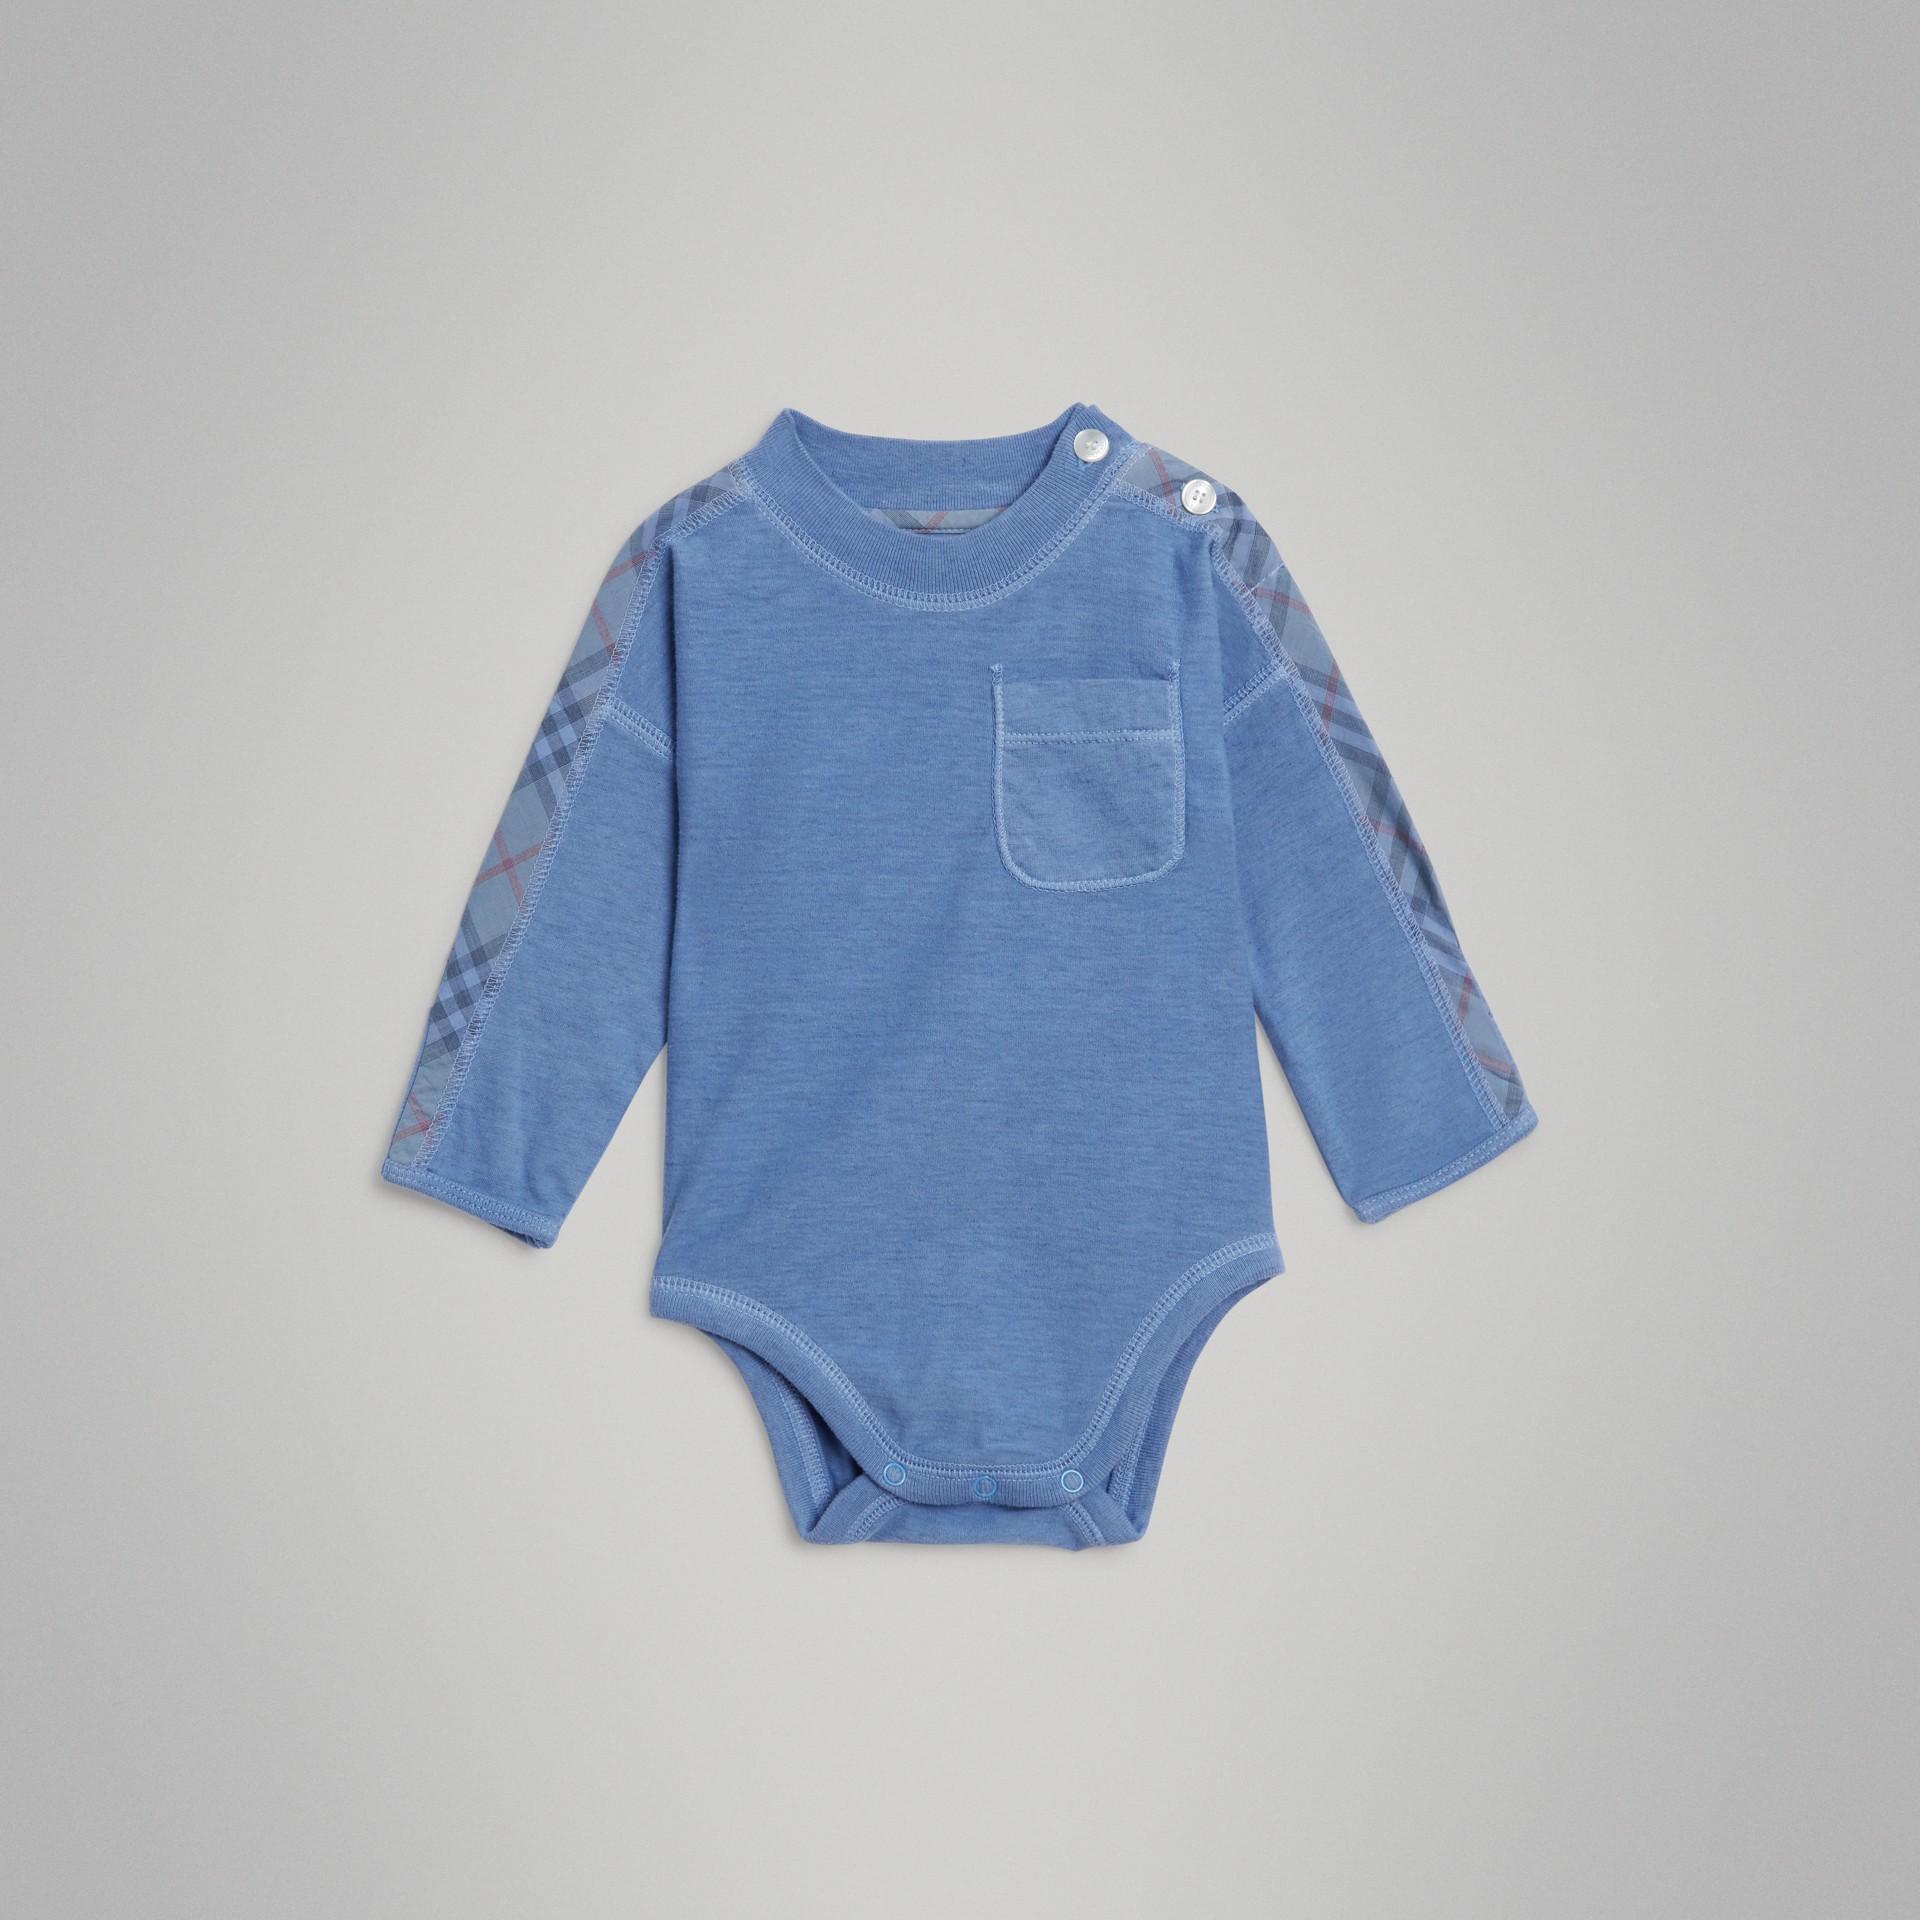 Gift set para bebê de três peças de algodão com detalhe xadrez (Multicolorido) - Crianças | Burberry - galeria de imagens 4